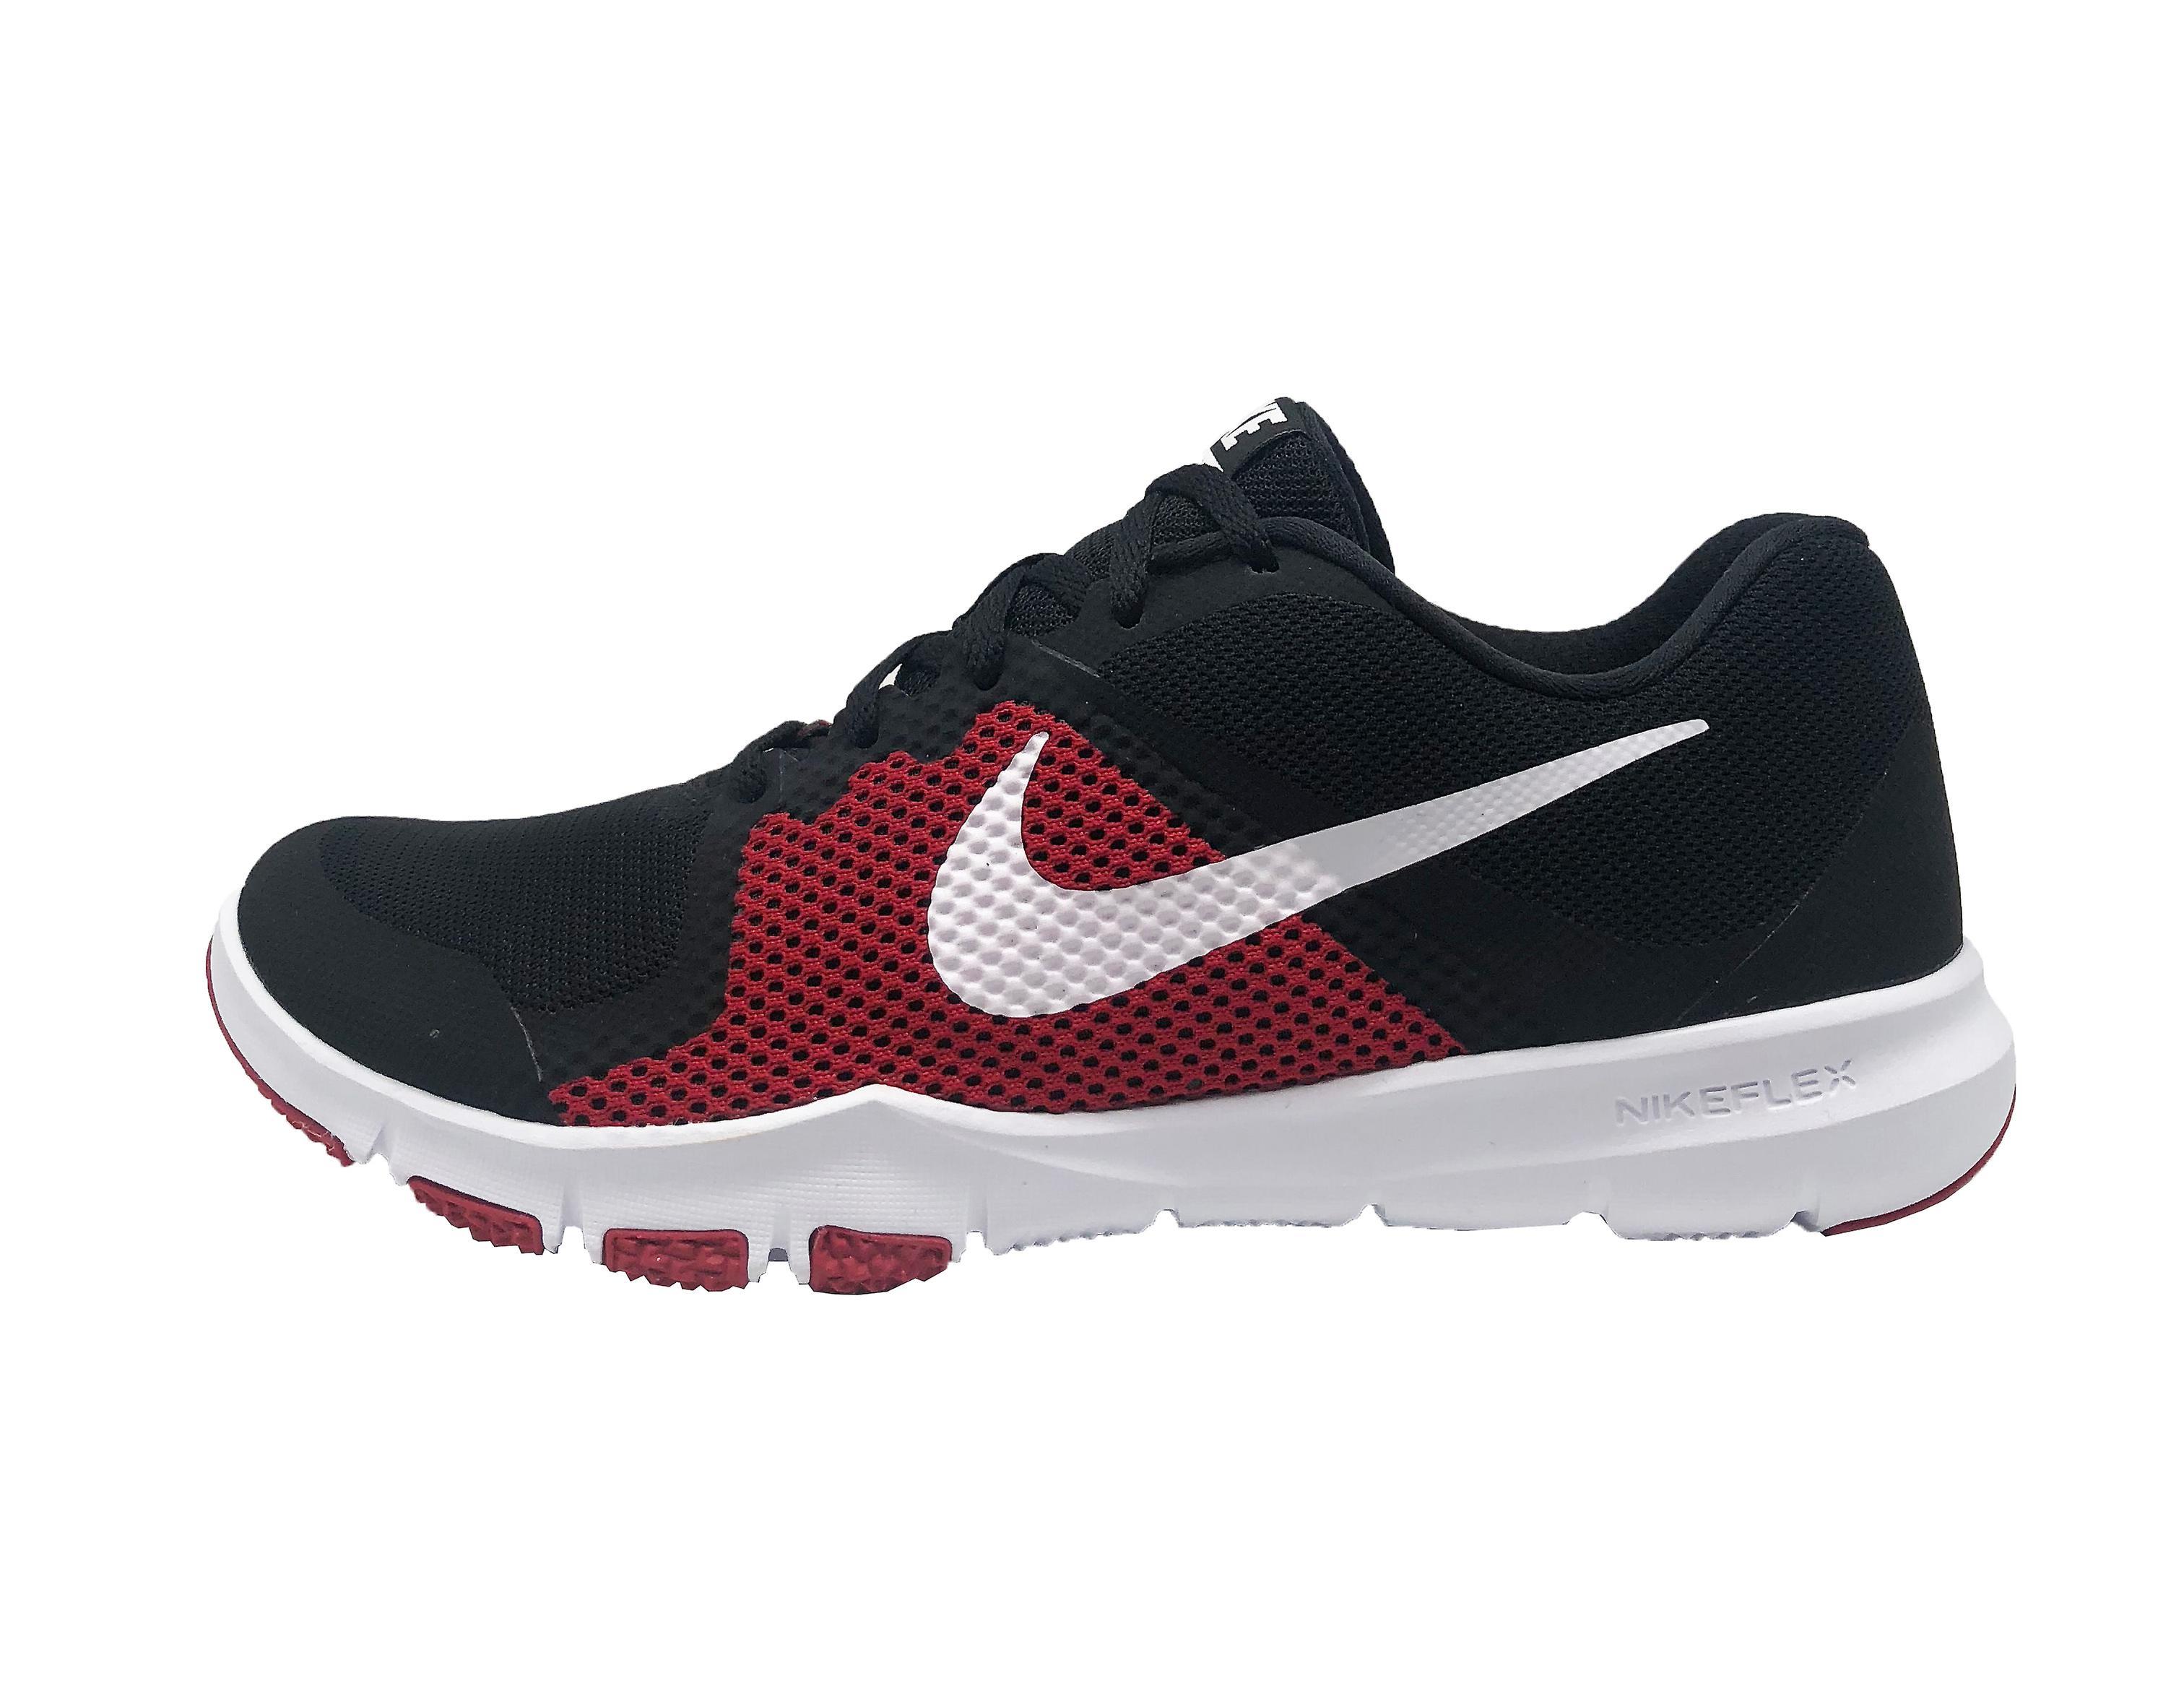 060 TrainerFruugo Control Herren Nike 898459 Flex eDW9YEHI2